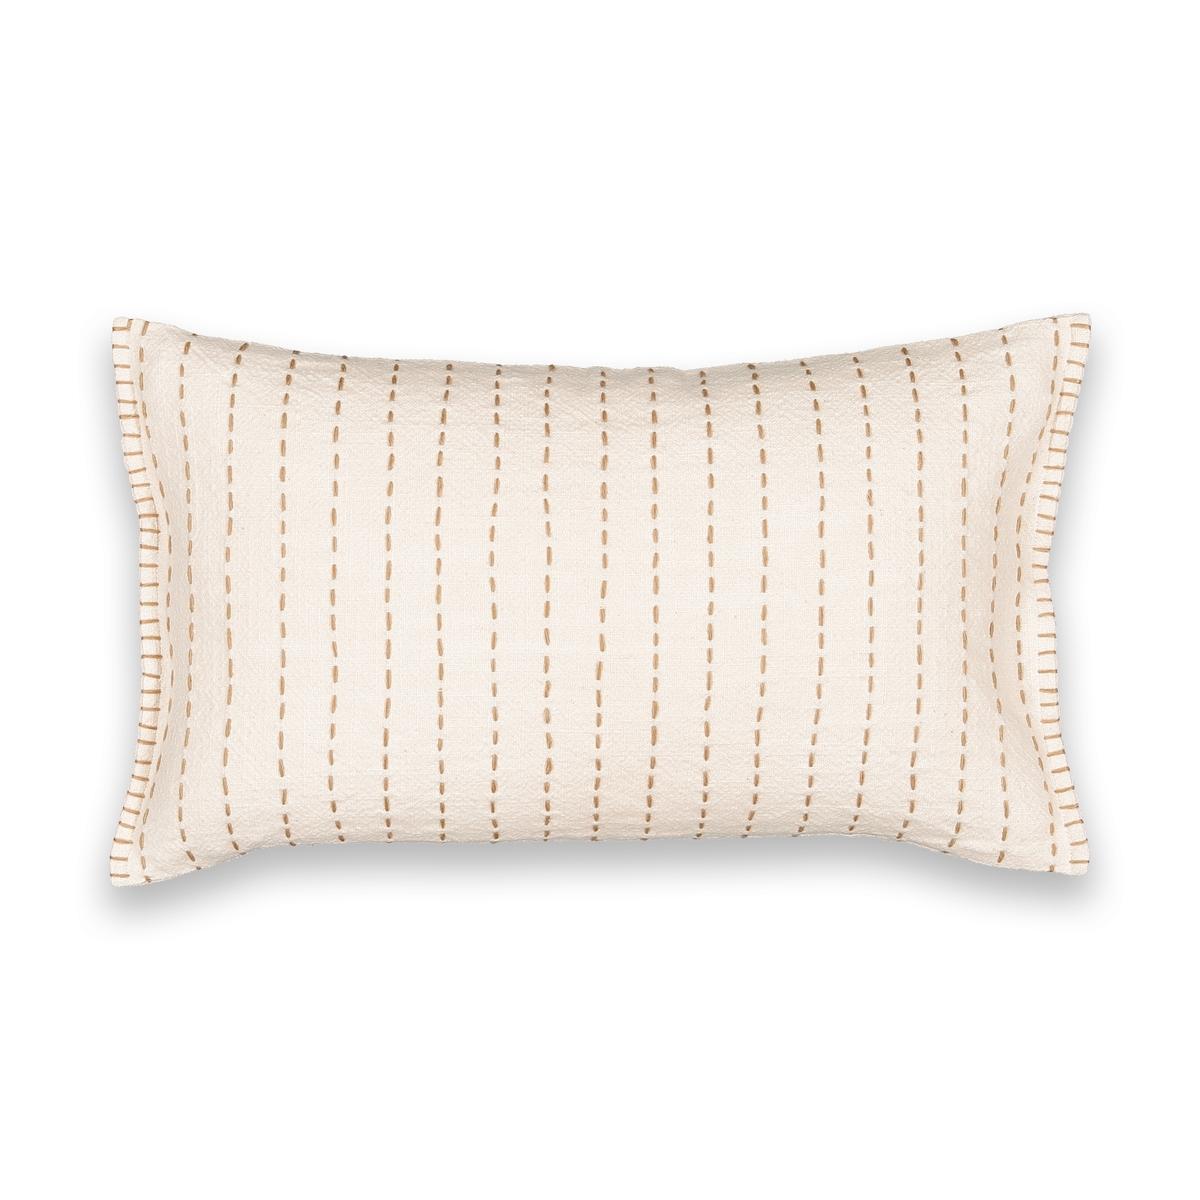 Наволочка La Redoute Rumba 50 x 30 см бежевый ковер la redoute горизонтального плетения с рисунком цементная плитка iswik 120 x 170 см бежевый